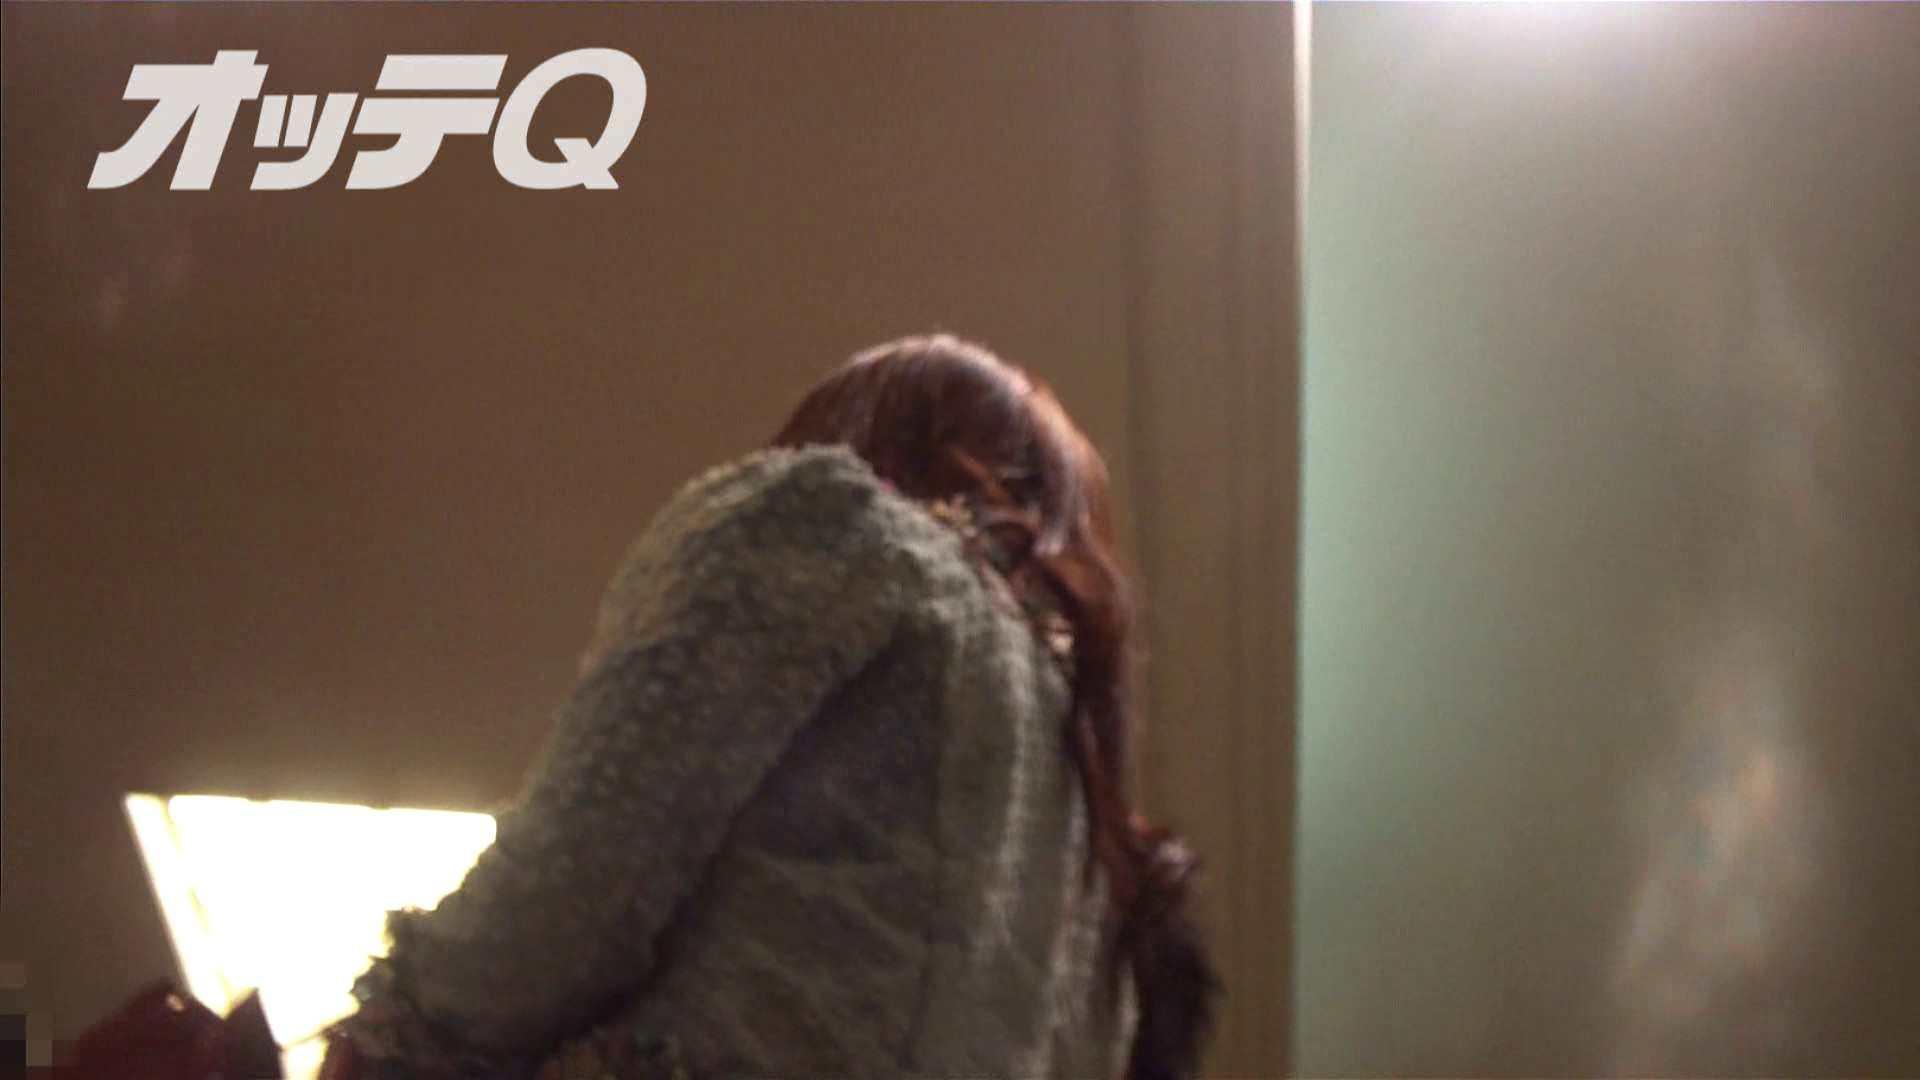 ハイビジョンパンチラ オッテQさんの追跡パンチラデパート編VOL.04 パンツ | ギャル・コレクション  42連発 30